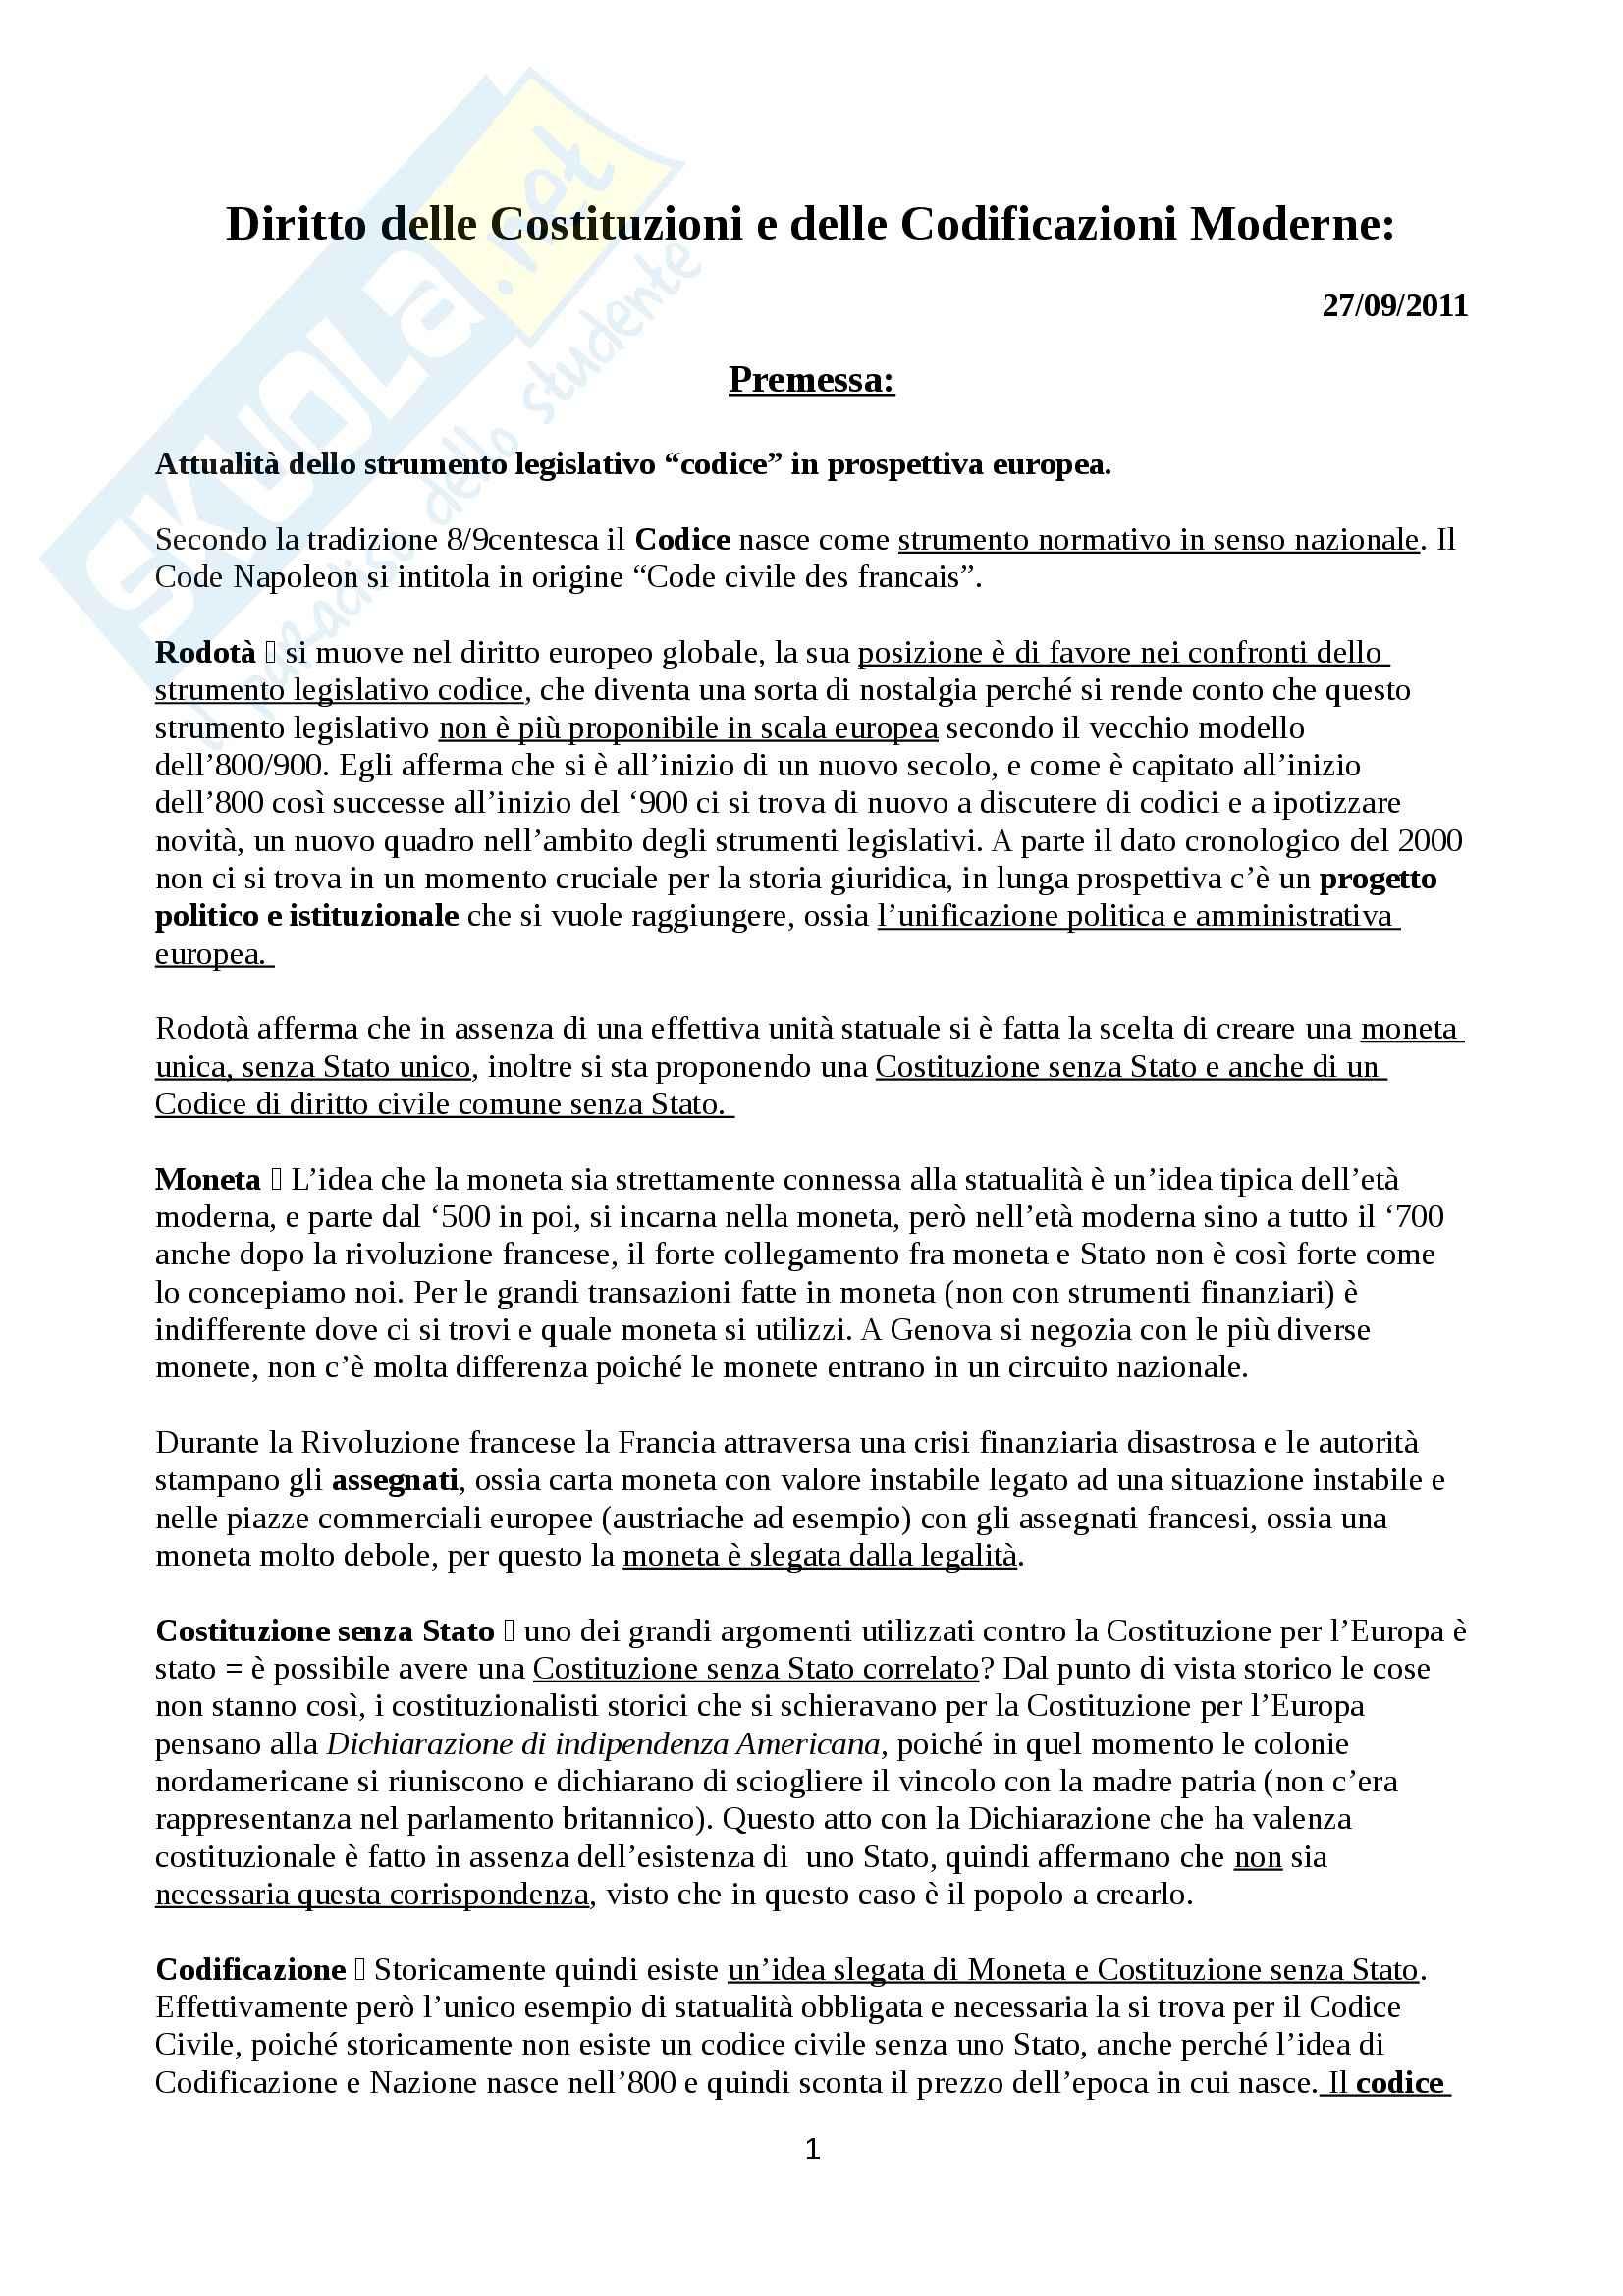 appunto R. Ferrante Storia delle codificazioni e delle costituzioni moderne